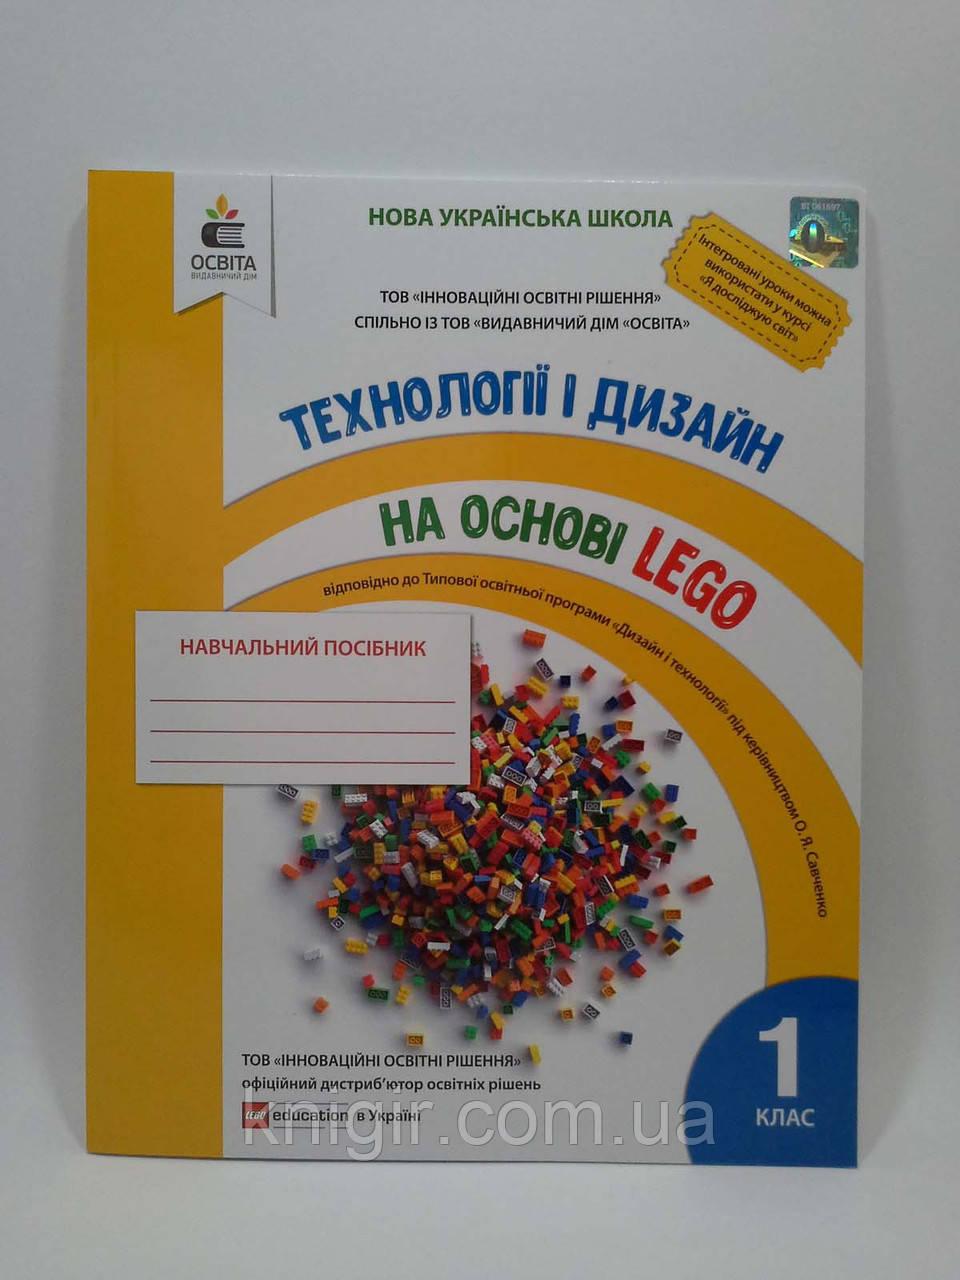 Технології і дизайн 1 кл Навчальний посібник Lego